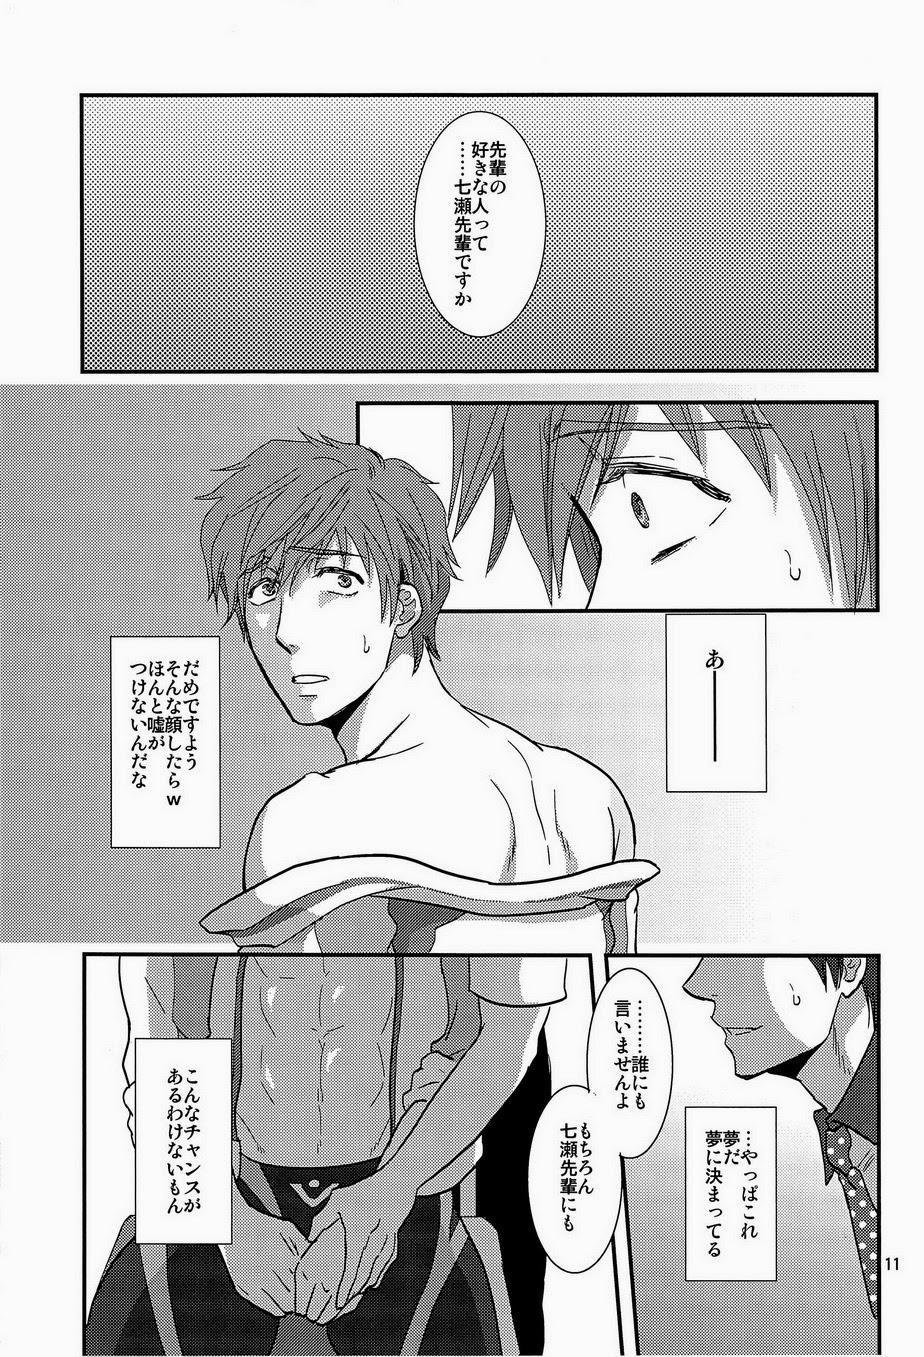 Senpai Onegaishimasu 10